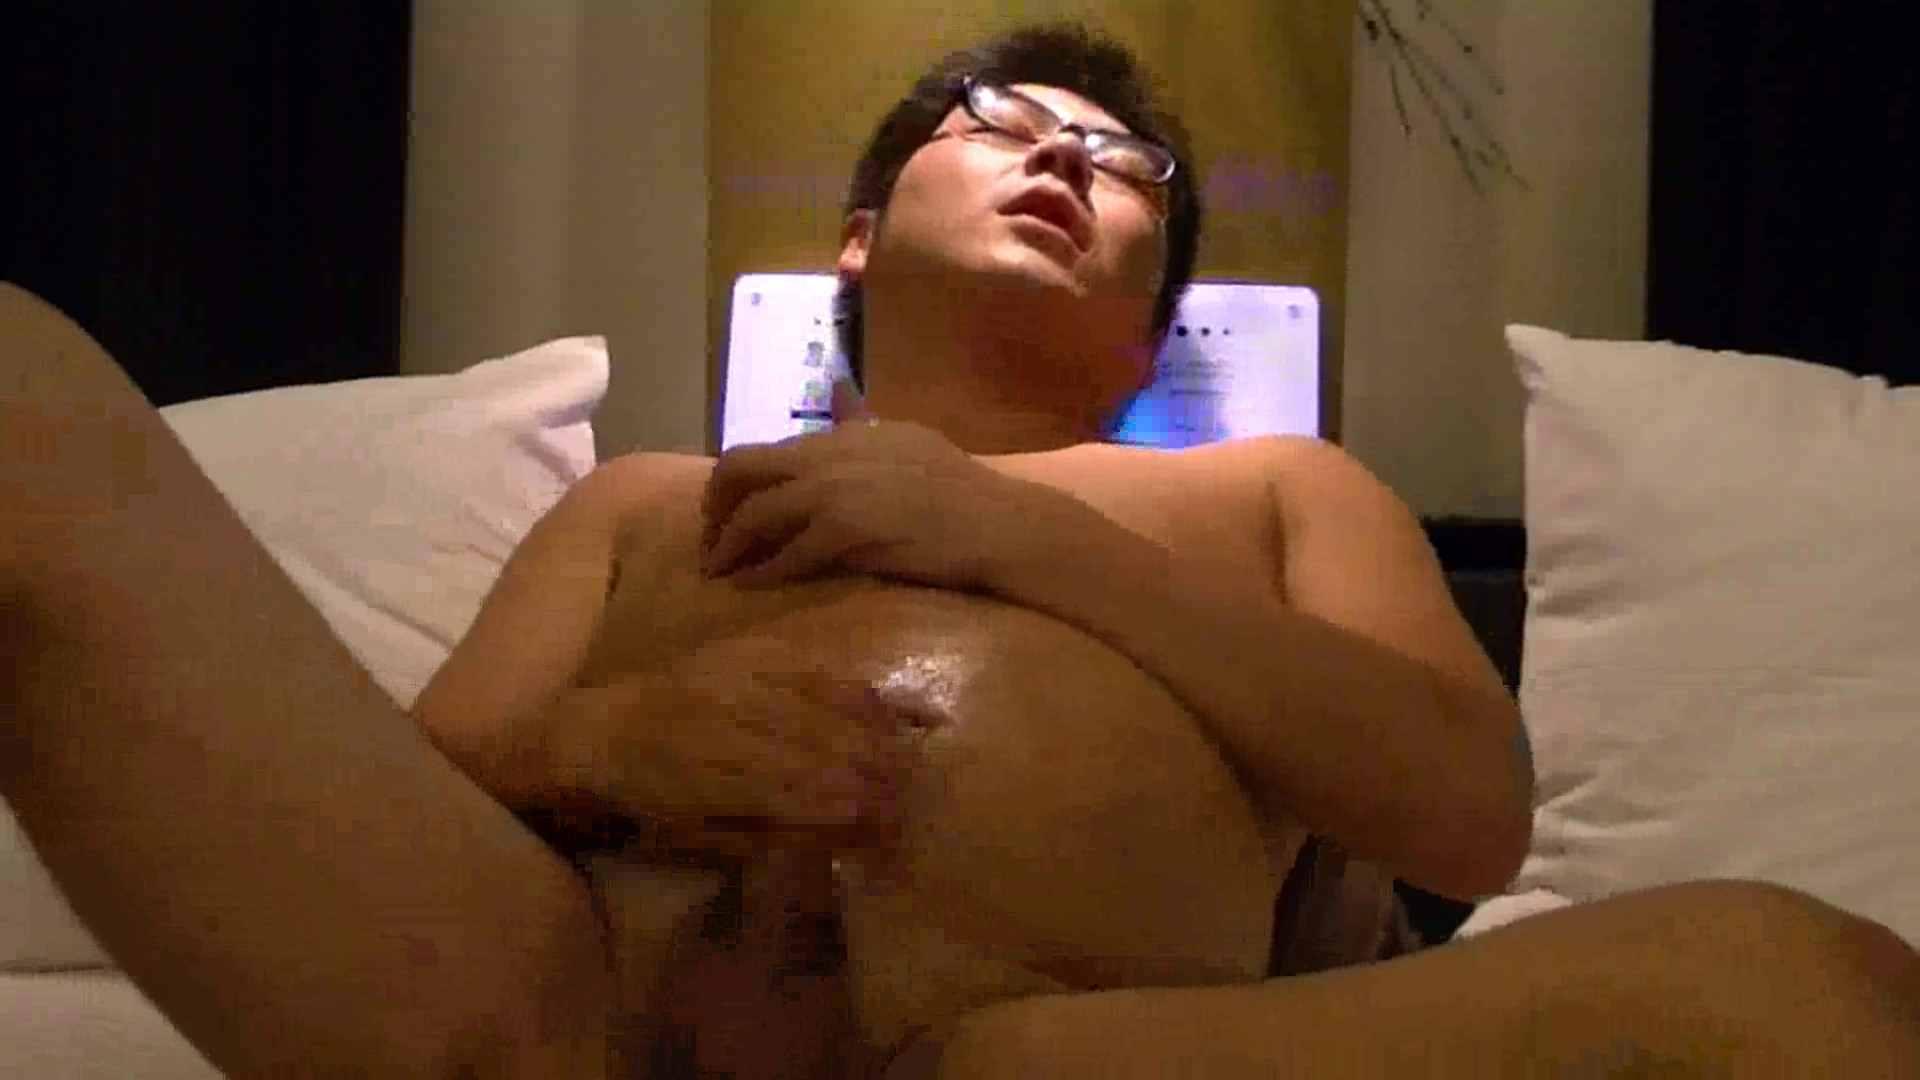 ONA見せカーニバル!! Vol5 エッチ   無修正 ゲイ無修正ビデオ画像 45pic 28